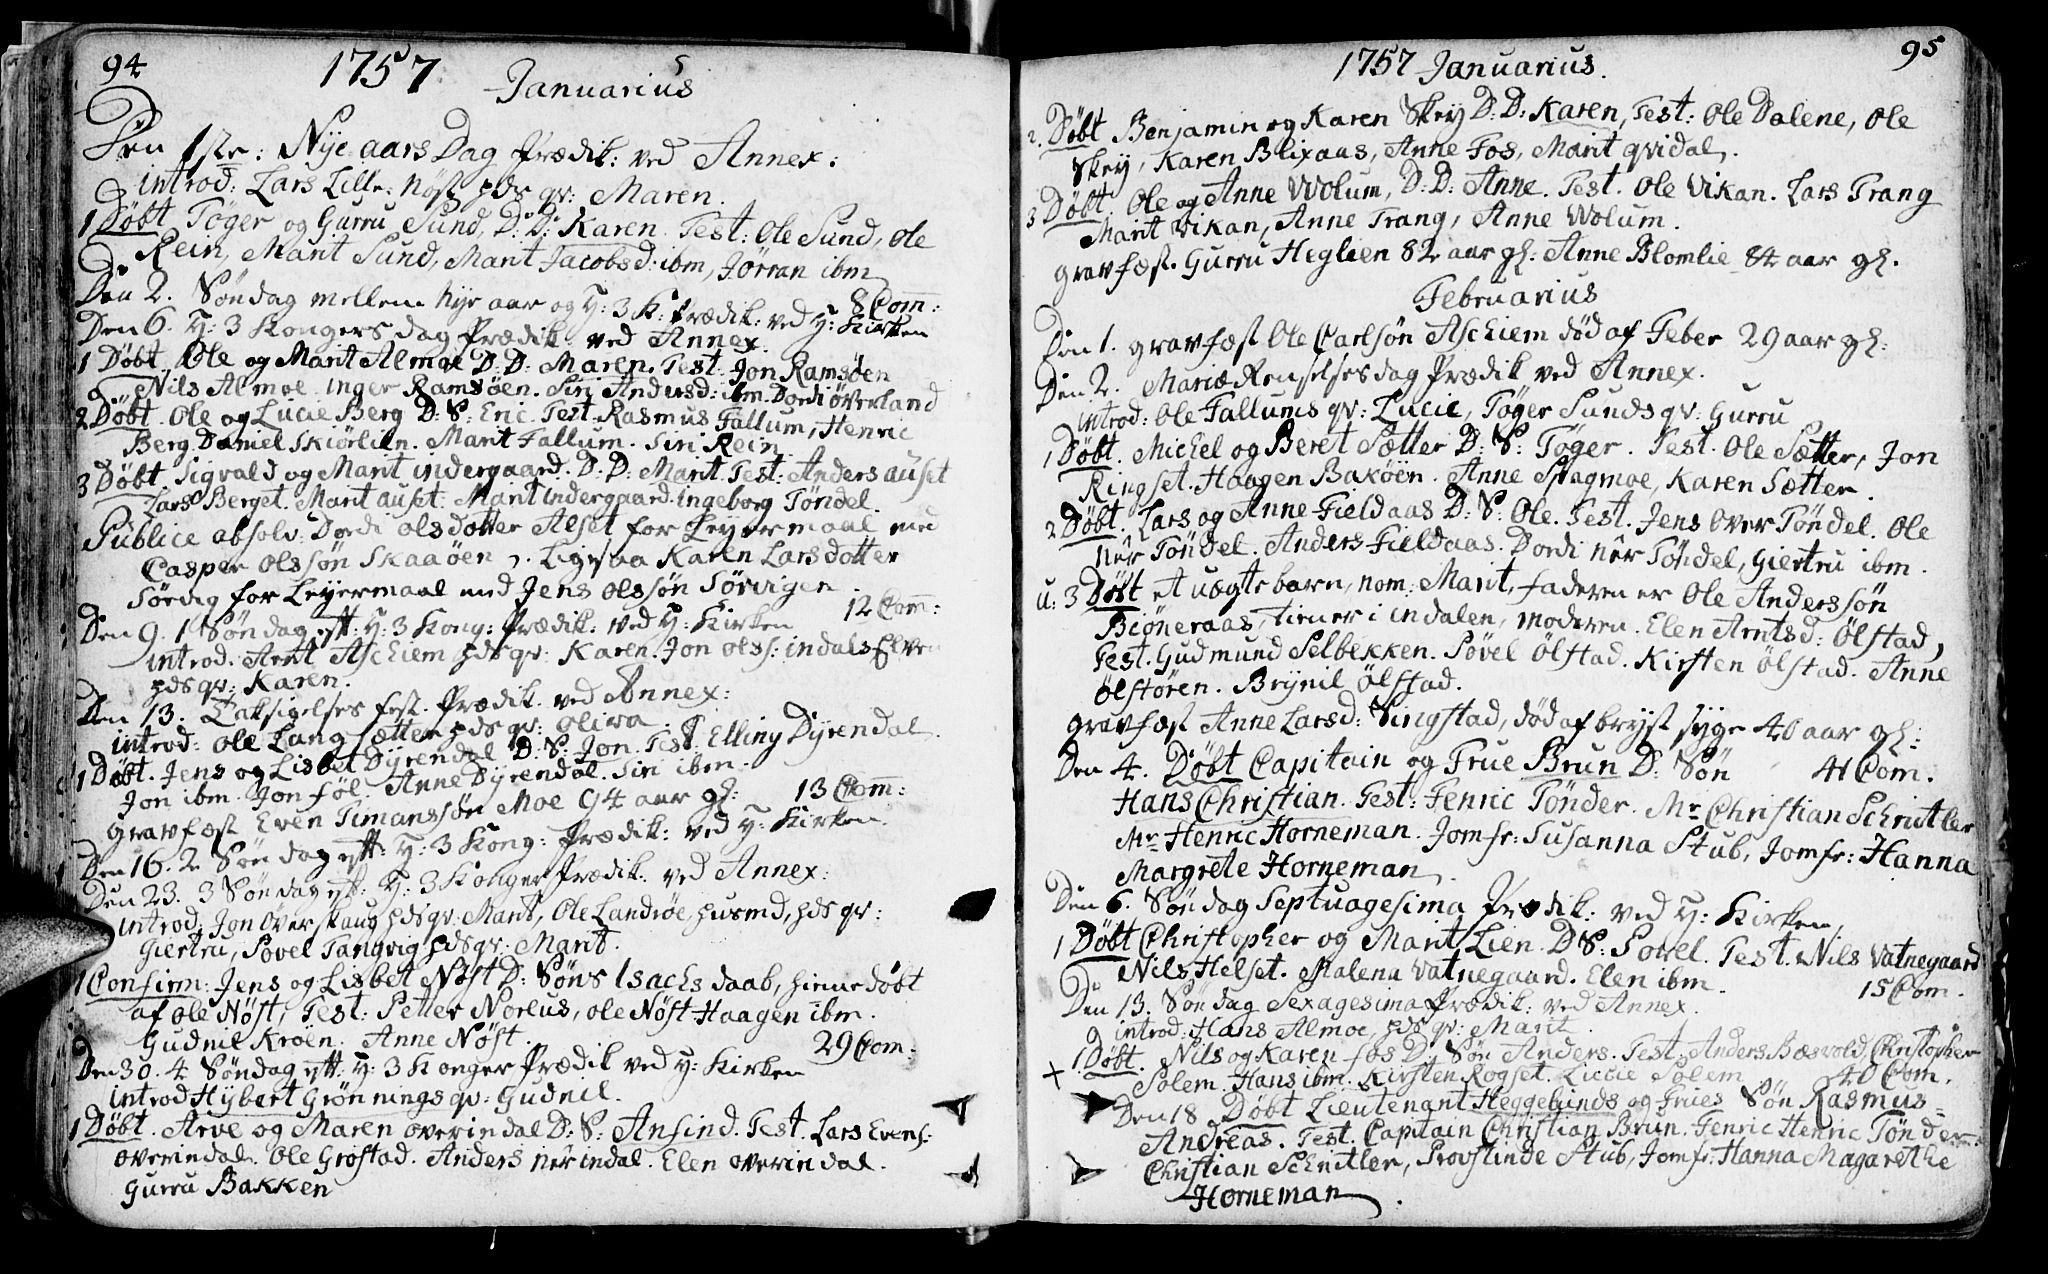 SAT, Ministerialprotokoller, klokkerbøker og fødselsregistre - Sør-Trøndelag, 646/L0605: Ministerialbok nr. 646A03, 1751-1790, s. 94-95